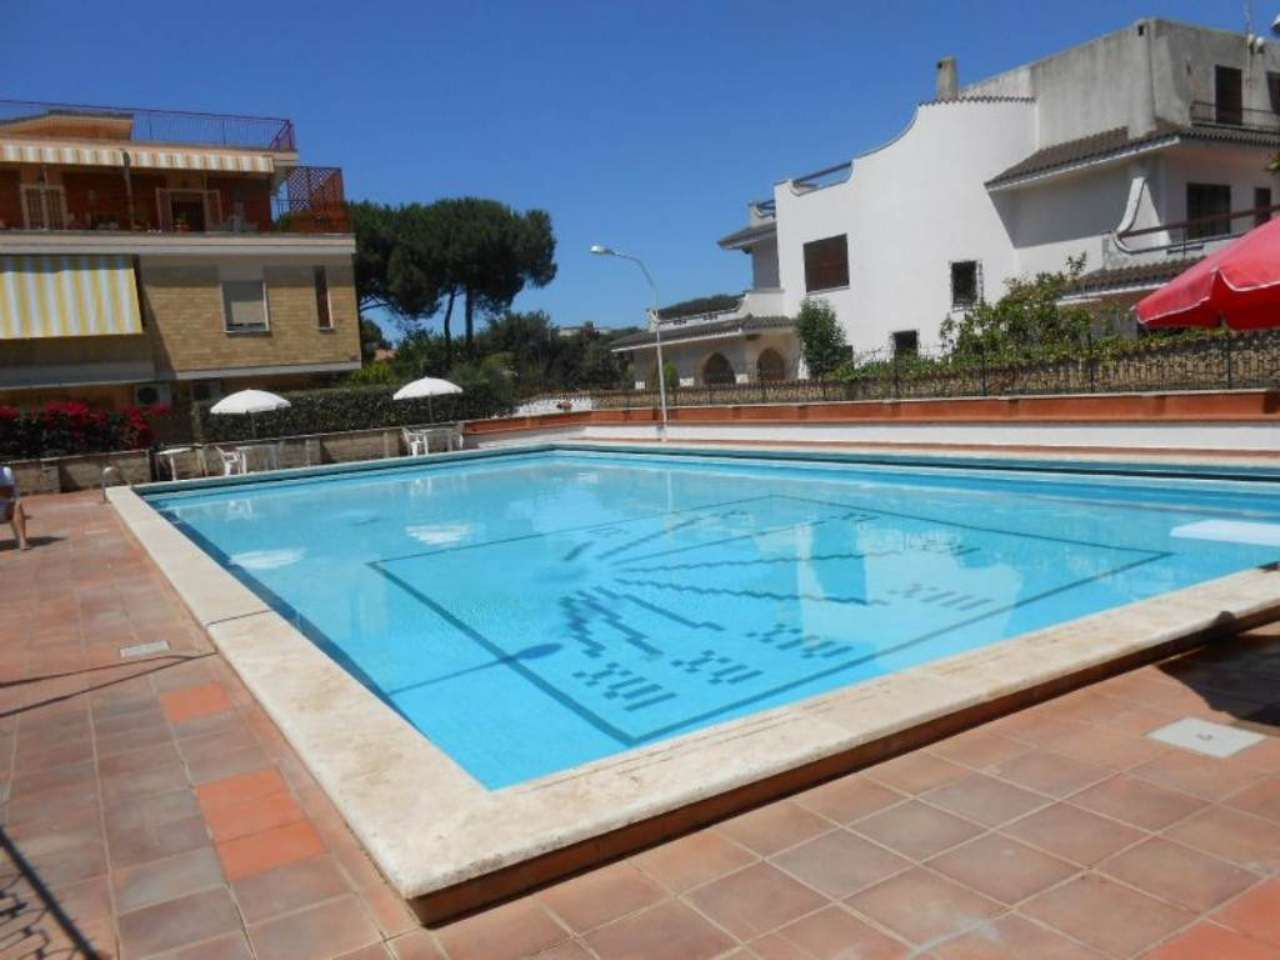 Attico / Mansarda in vendita a Anzio, 3 locali, prezzo € 90.000 | Cambio Casa.it